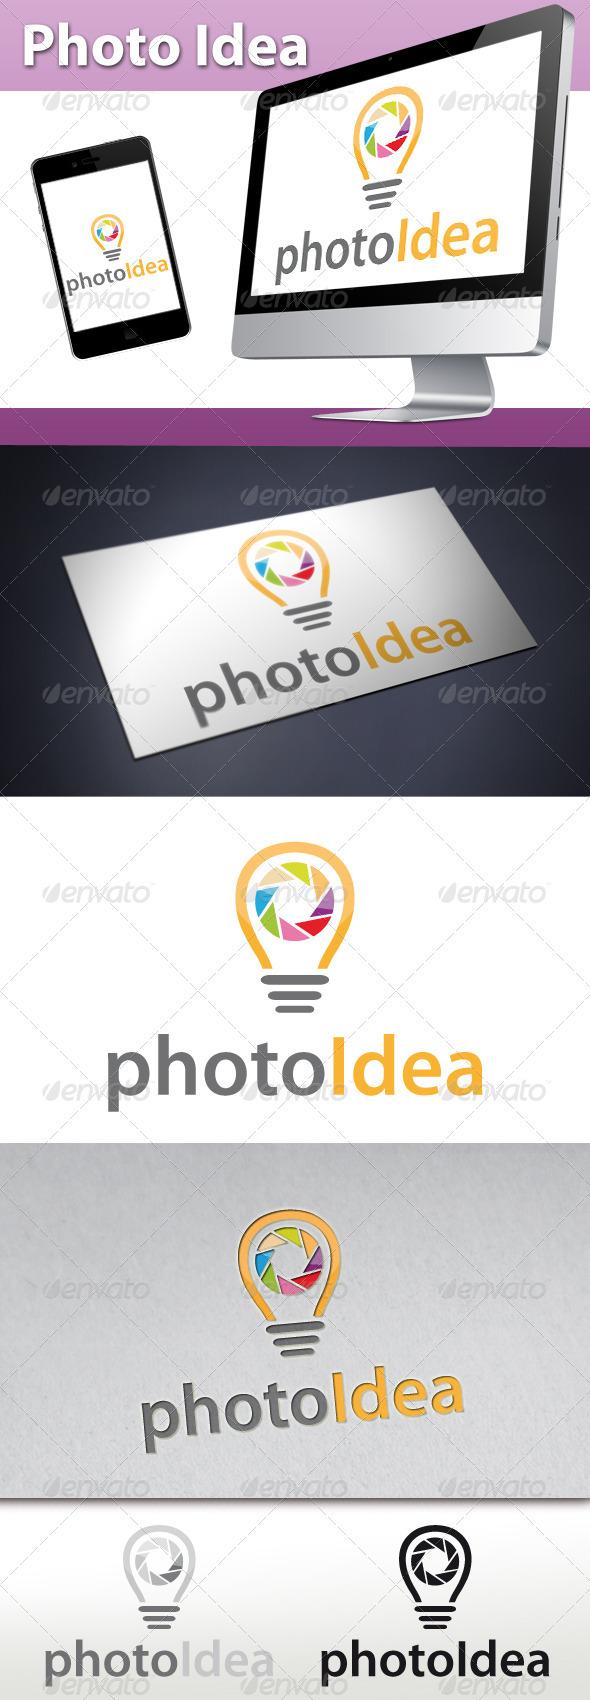 GraphicRiver Photo Idea Logo 3320235